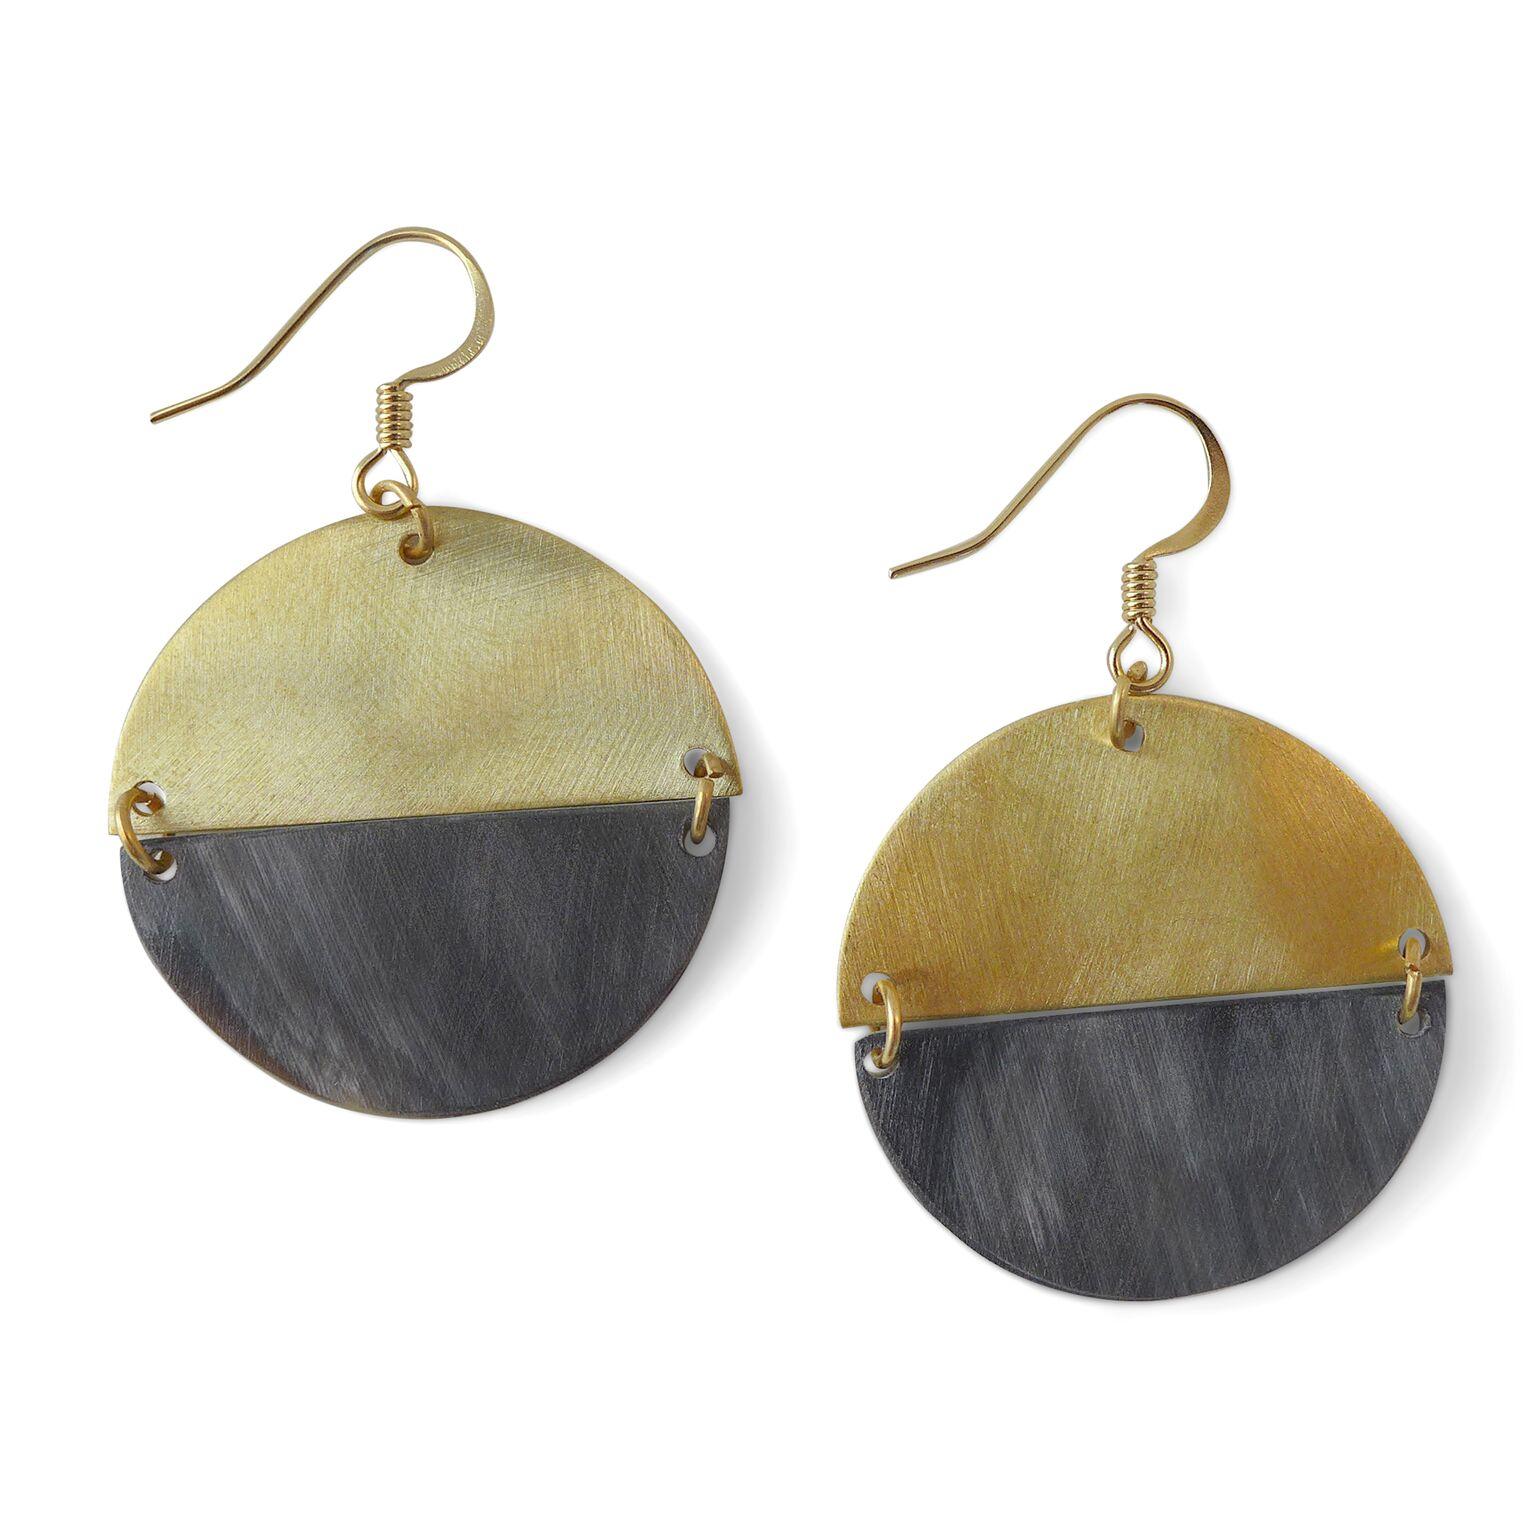 Domain-Fair Trade Winds-Brass and Horn Earrings.jpeg